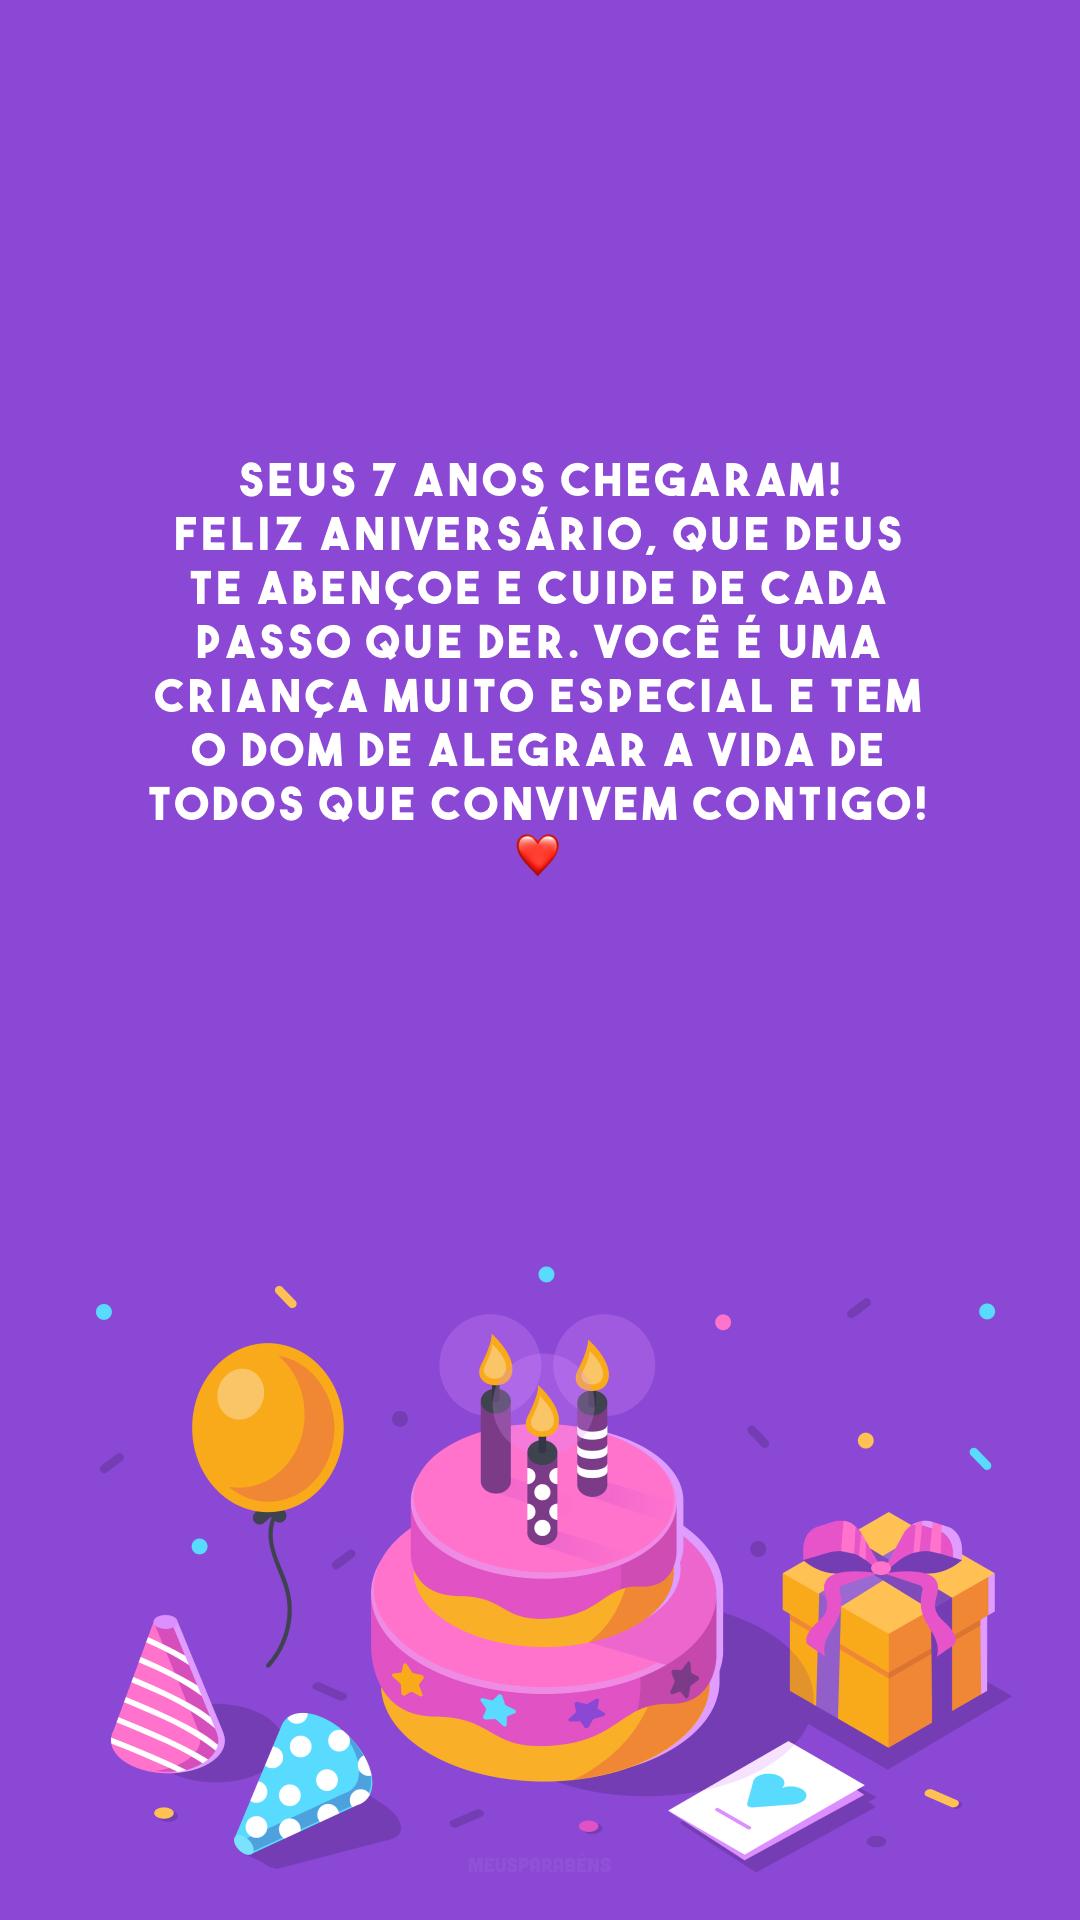 Seus 7 anos chegaram! Feliz aniversário, que Deus te abençoe e cuide de cada passo que der. Você é uma criança muito especial e tem o dom de alegrar a vida de todos que convivem contigo! ❤️